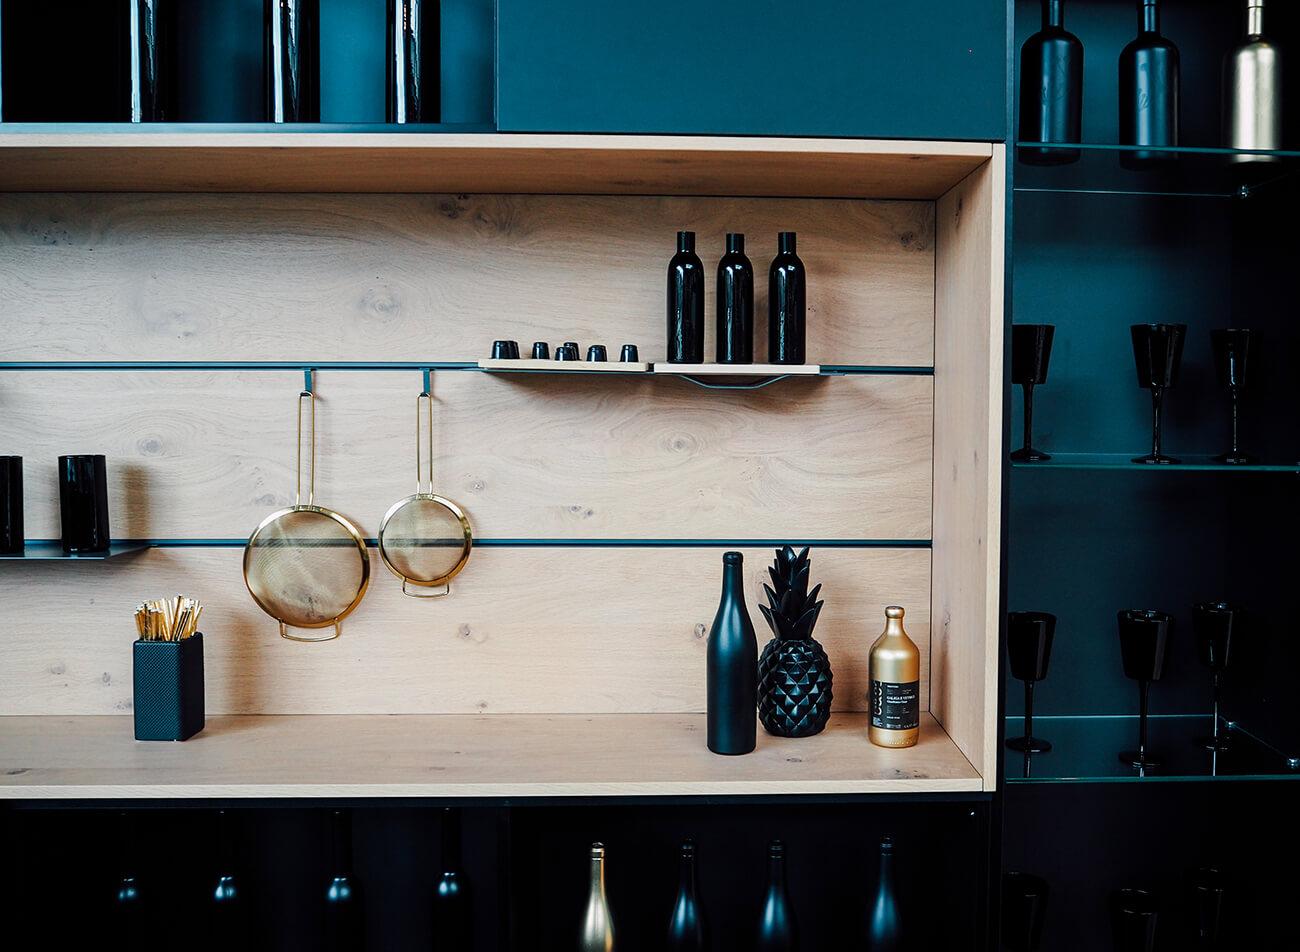 les r gles de base dans l 39 am nagement d 39 une cuisine frenchy fancy. Black Bedroom Furniture Sets. Home Design Ideas